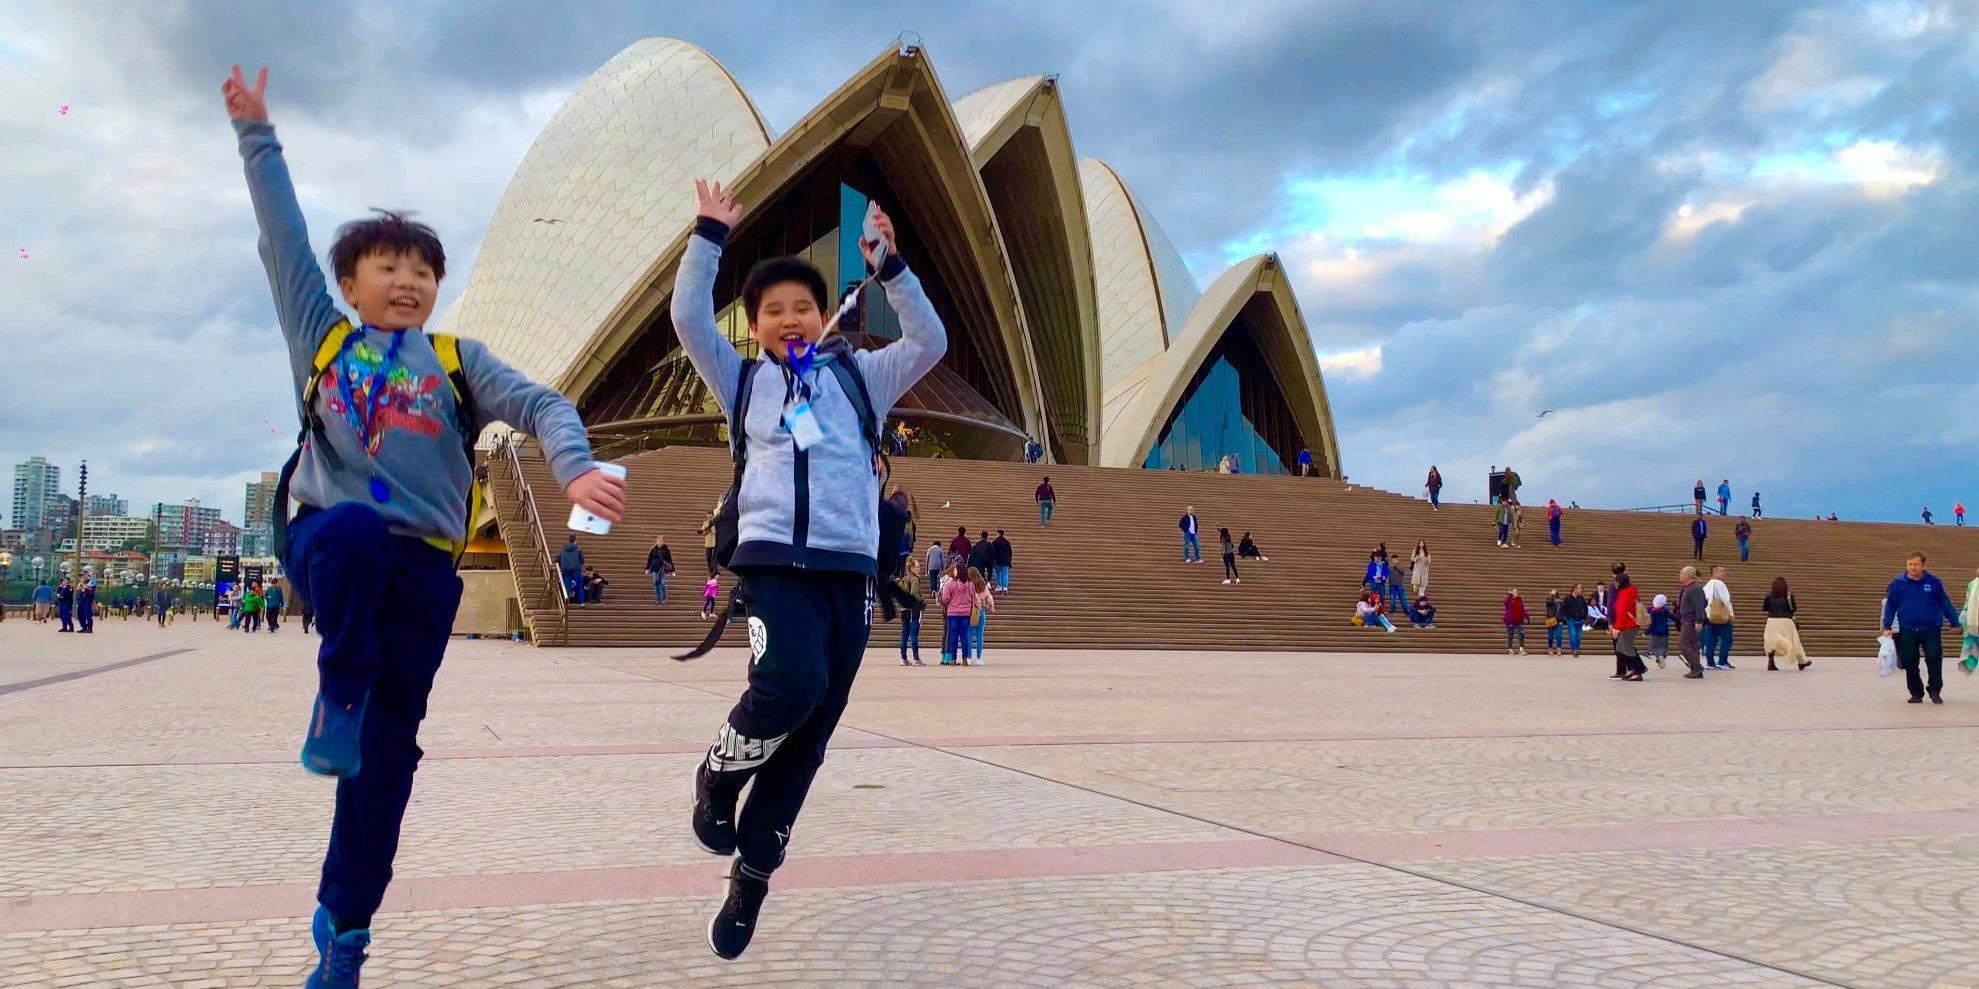 ISI国際学院 ジュニア留学 中学生向け 高校生向け 中高生向け 夏休み 短期 留学 オーストラリア シドニー サマーキャンプ ボーディングスクール 寮滞在 ホームステイ